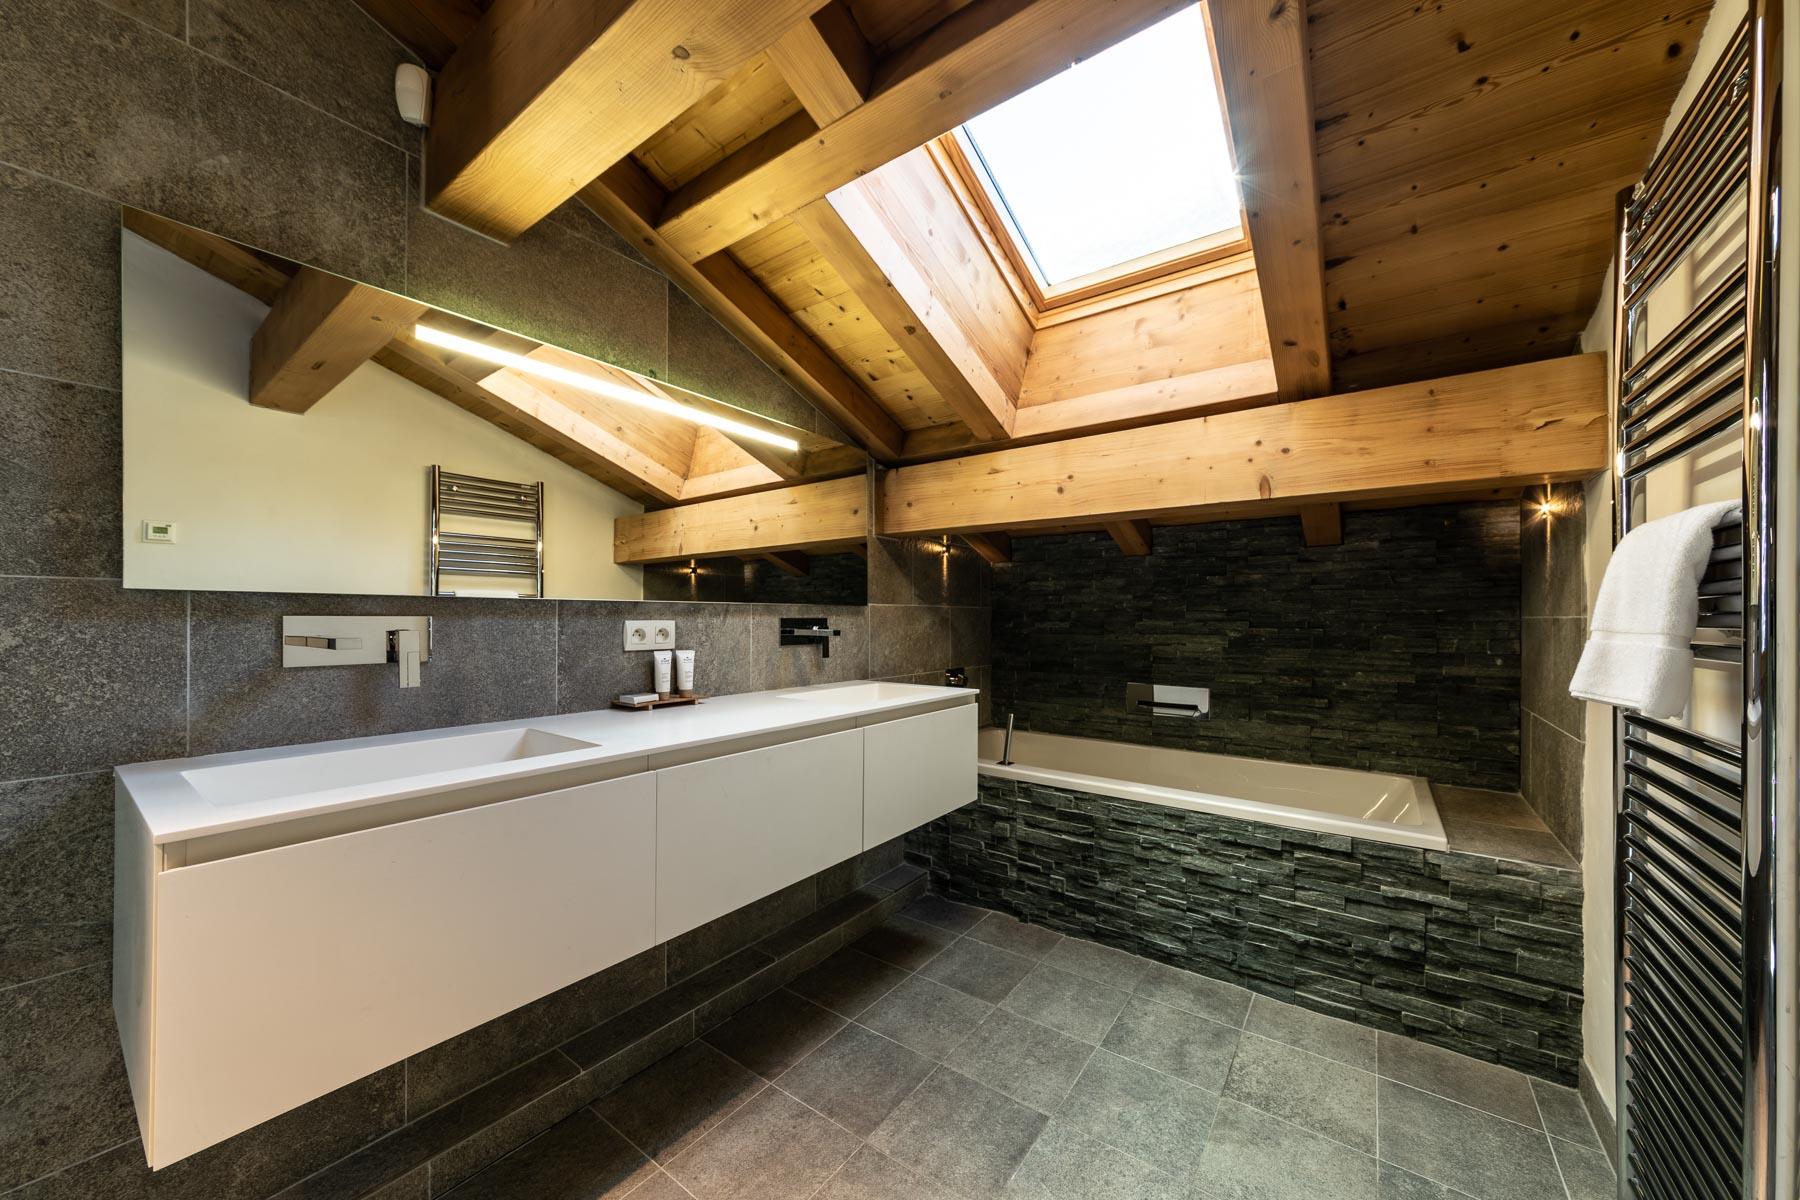 Omaroo 1 Bathroom en-suite